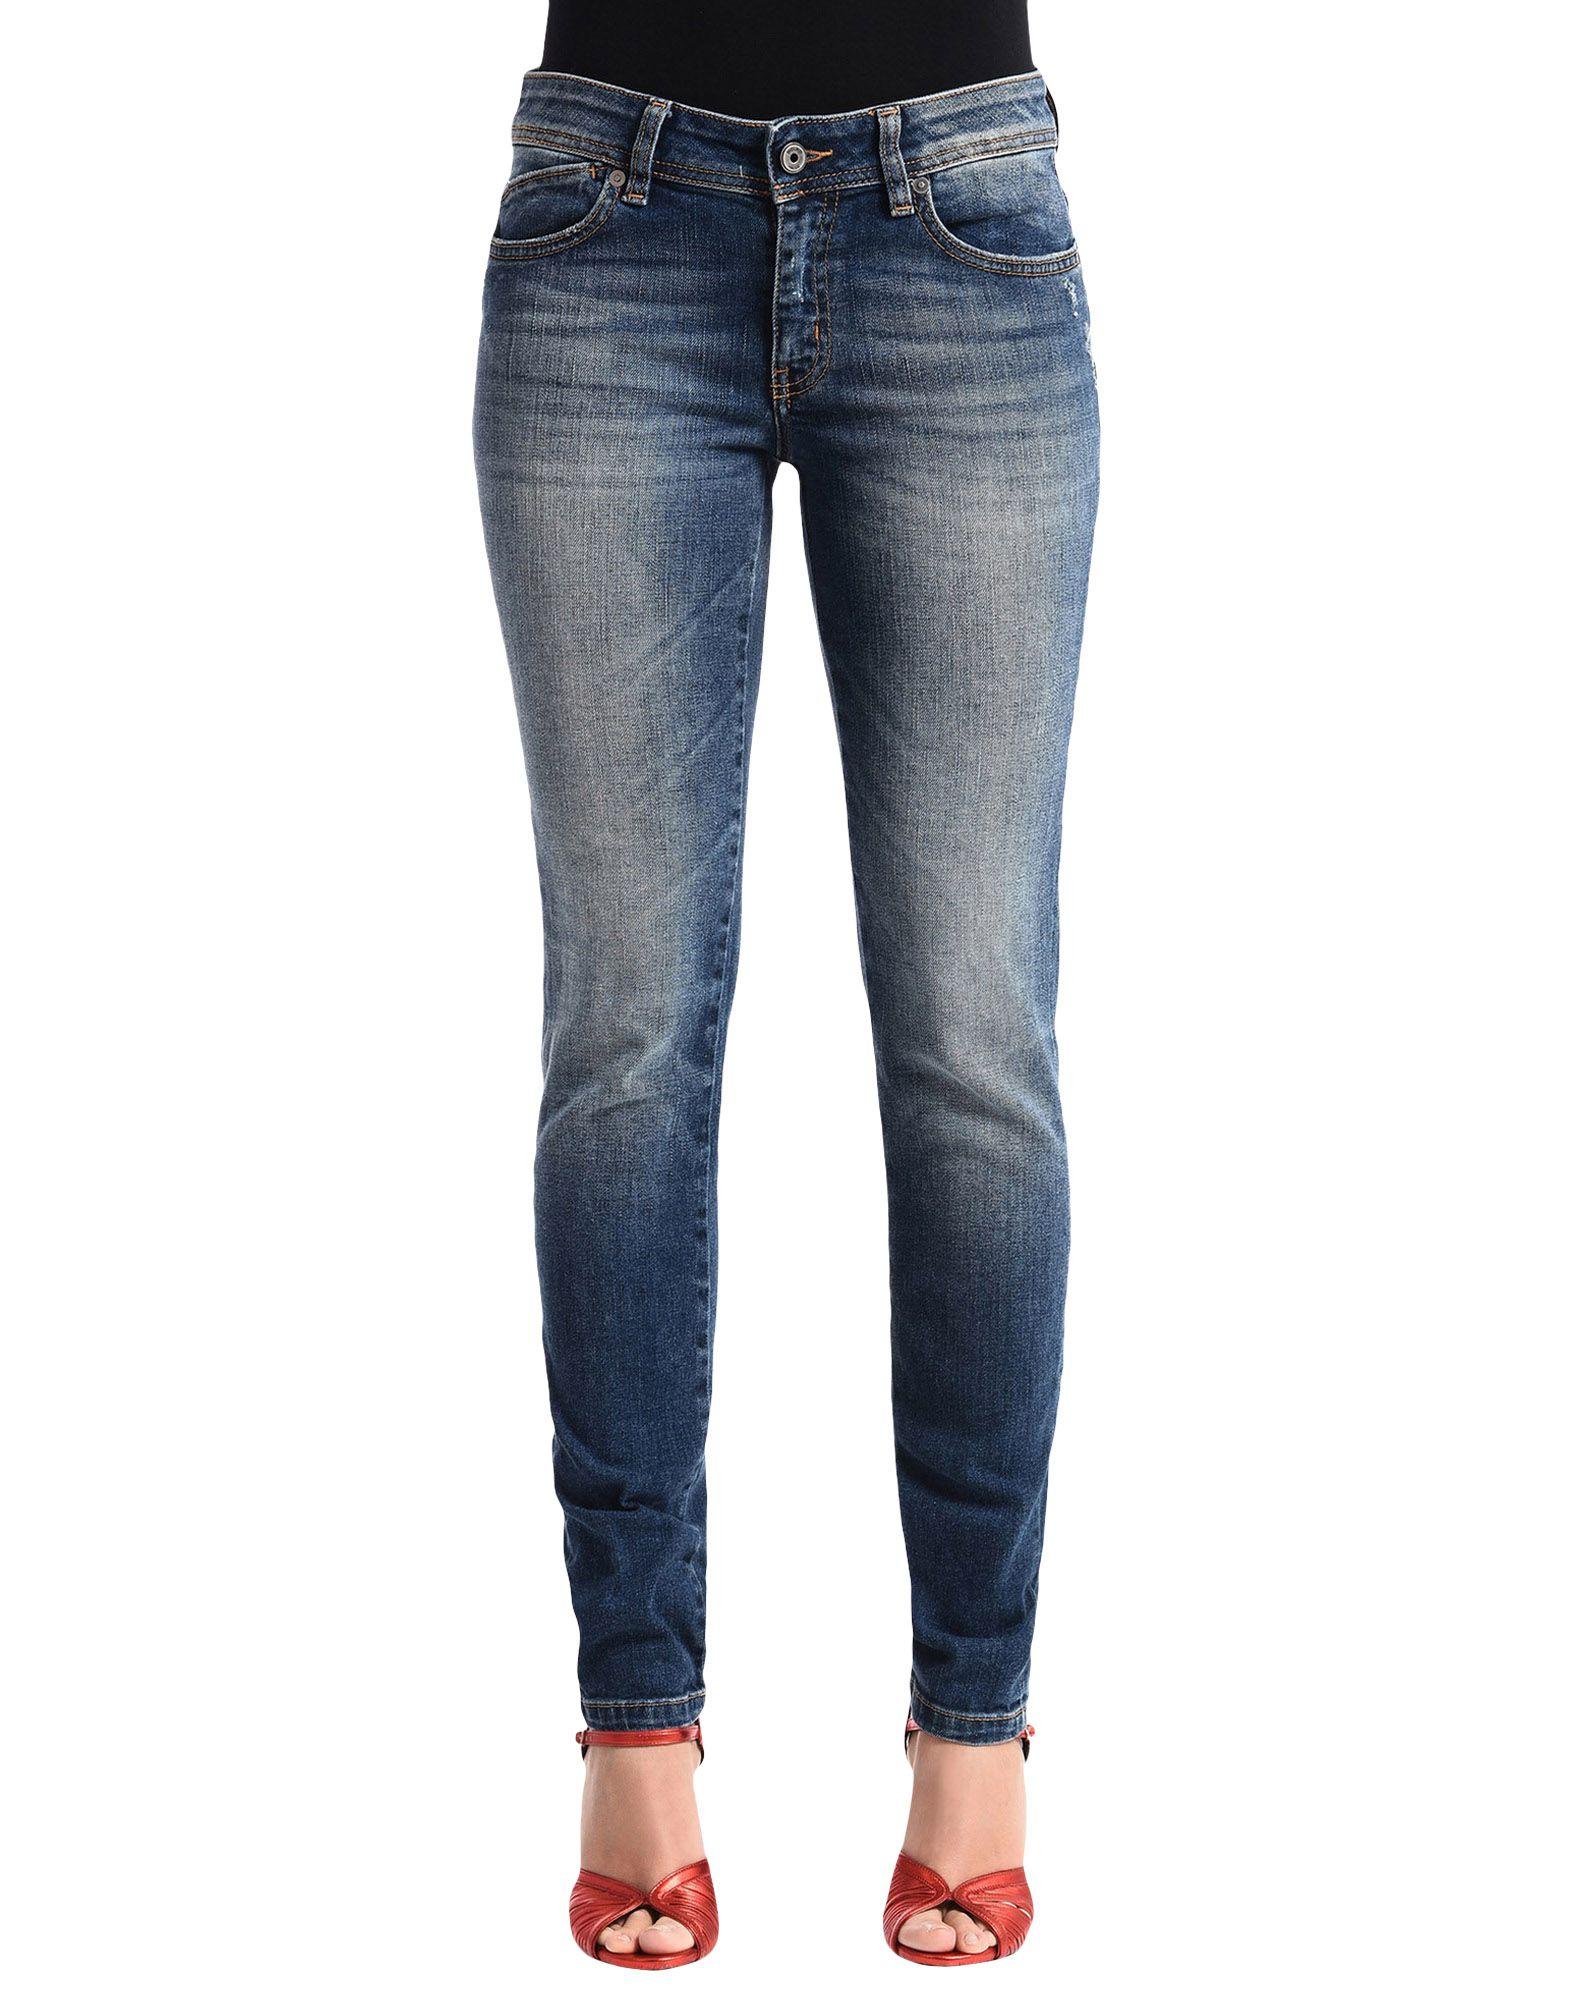 Pantaloni Jeans Just Cavalli Donna - Acquista online su hQSyvQgPKu